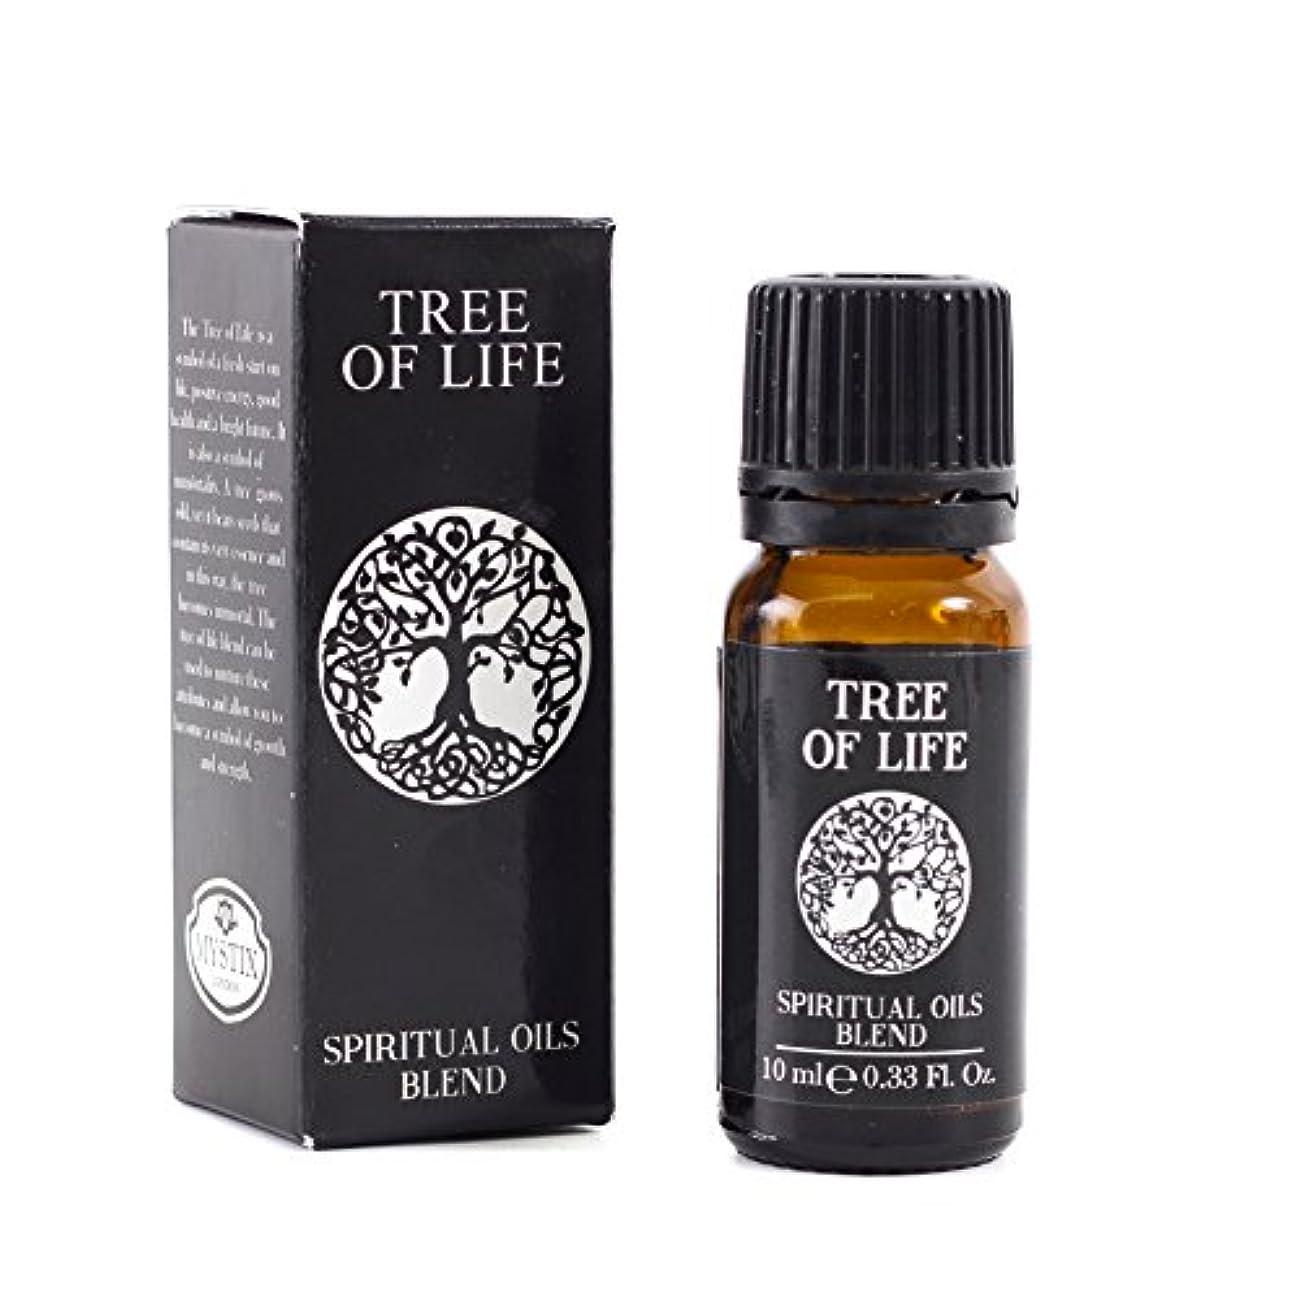 第二マーティンルーサーキングジュニア石膏Mystic Moments | Tree of Life | Spiritual Essential Oil Blend - 10ml